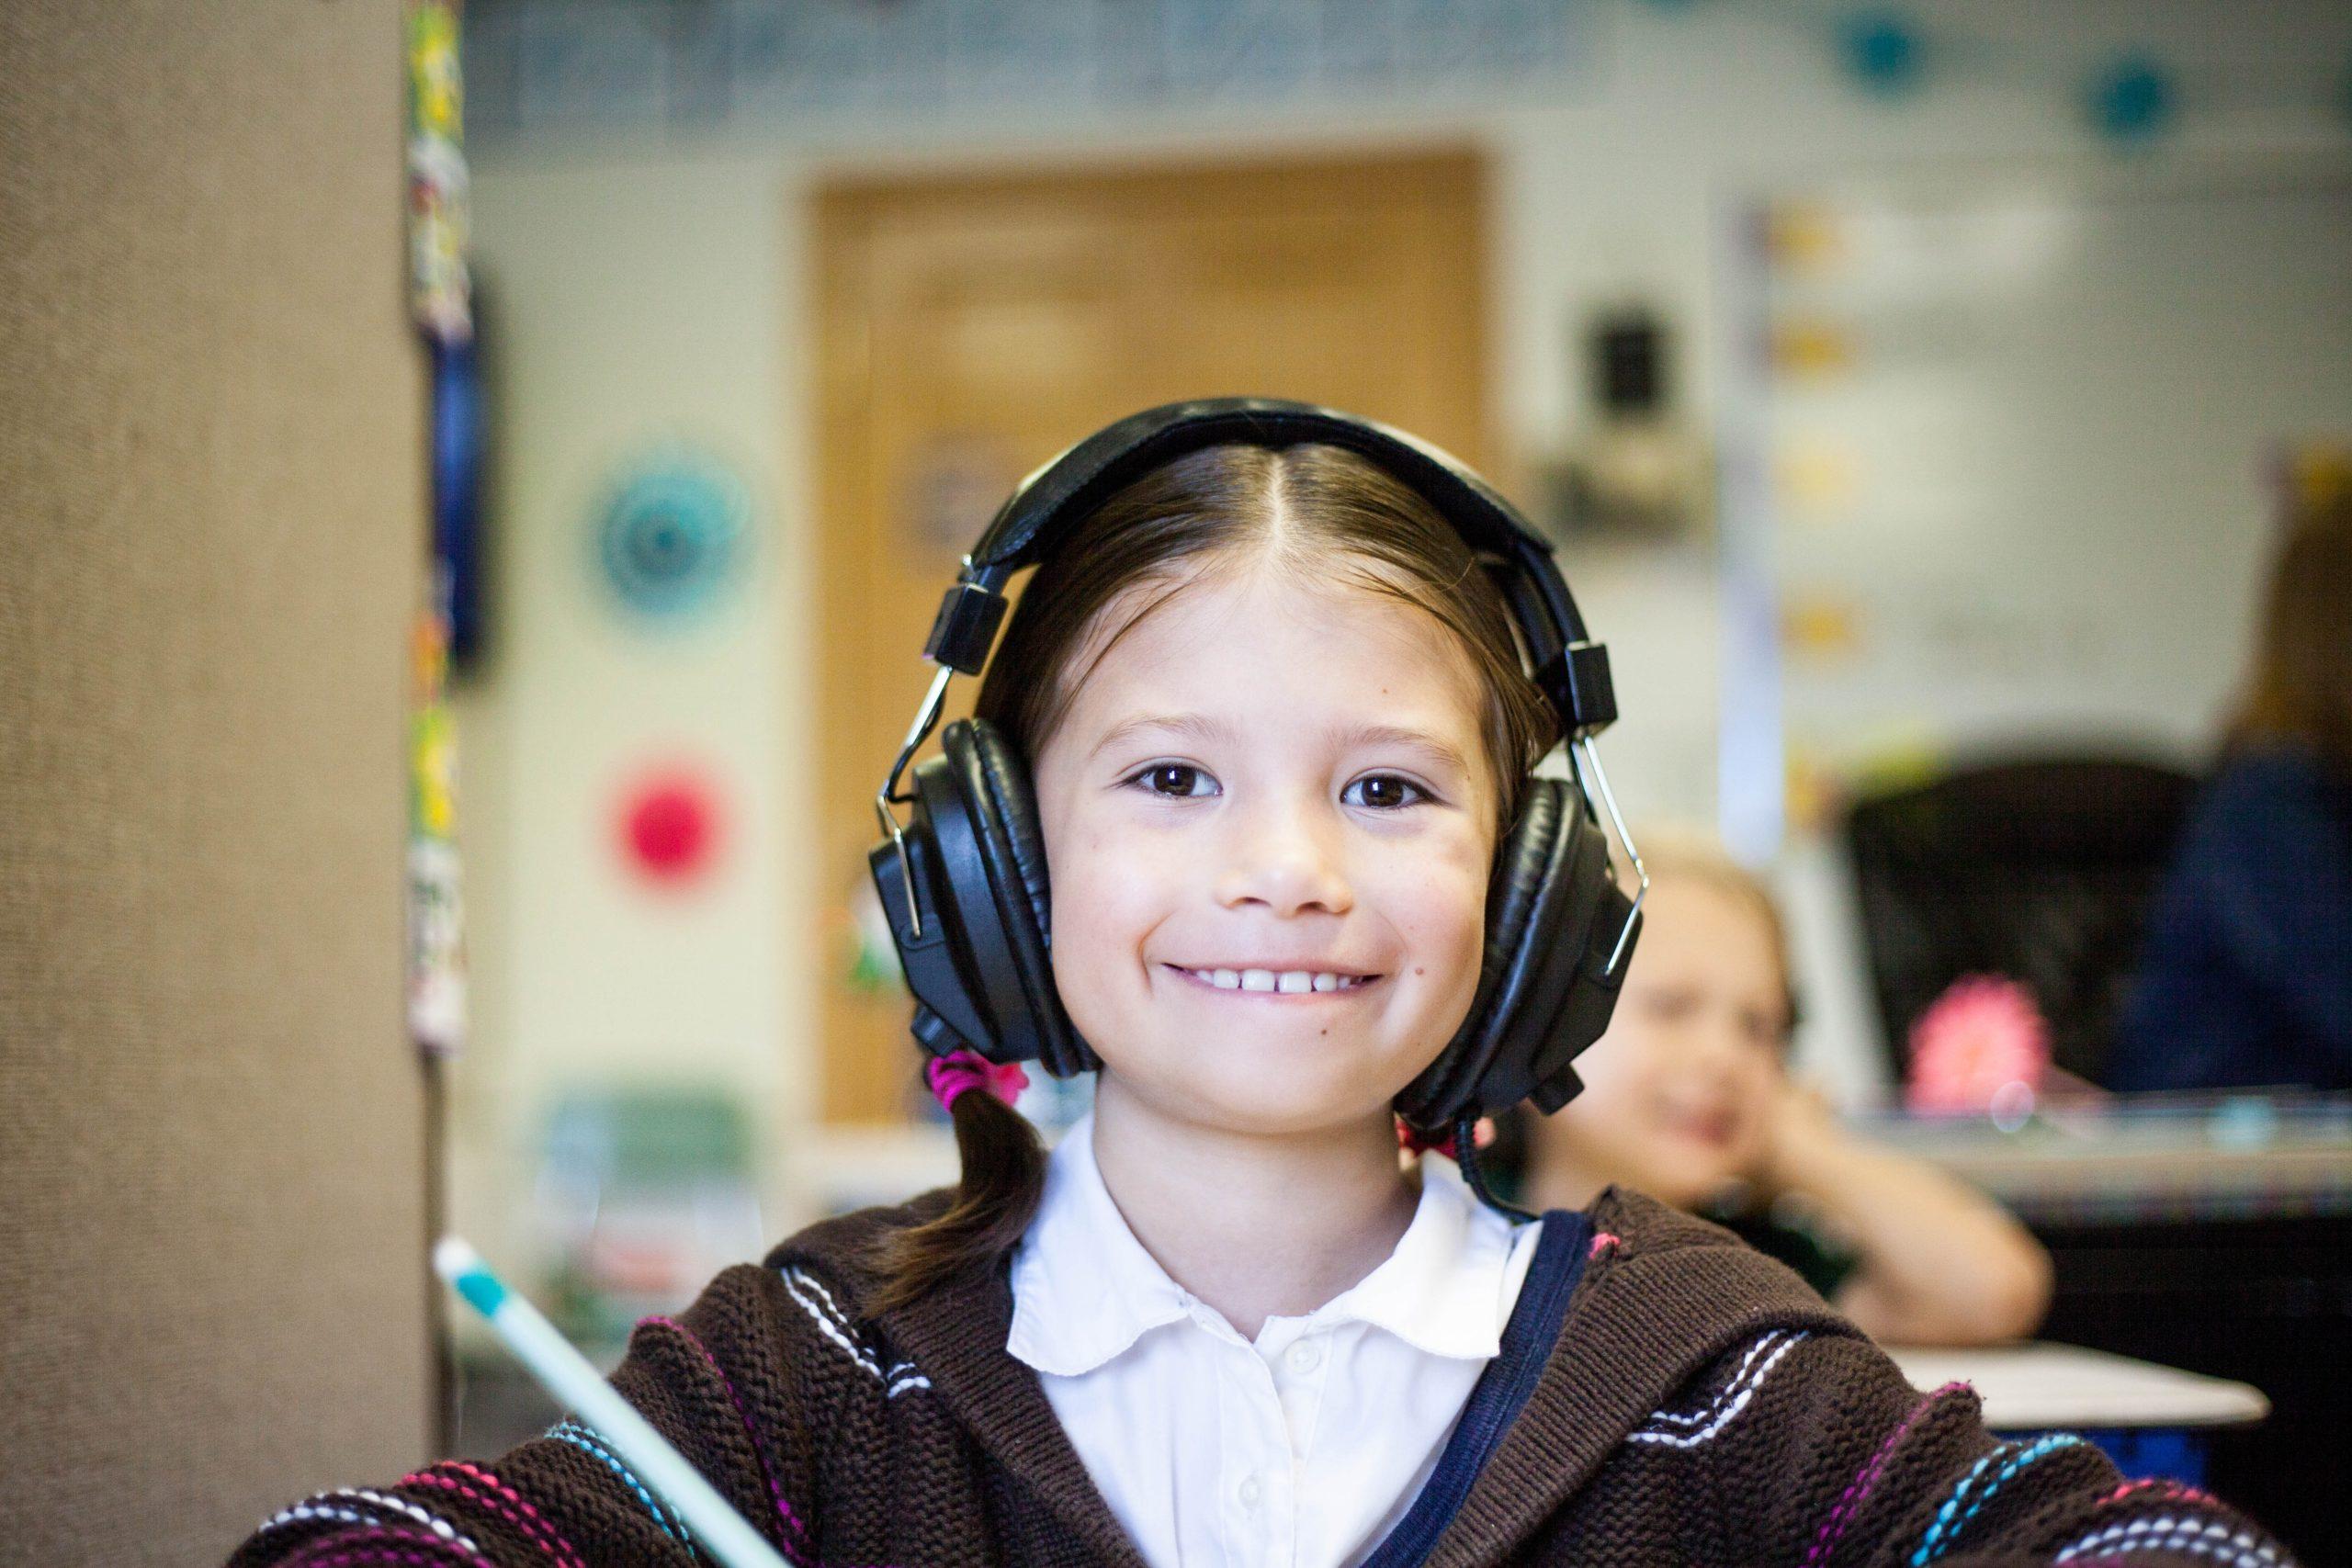 Ein kleines Mädchen lächelt in die Kamera. Sie trägt Kopfhörer.